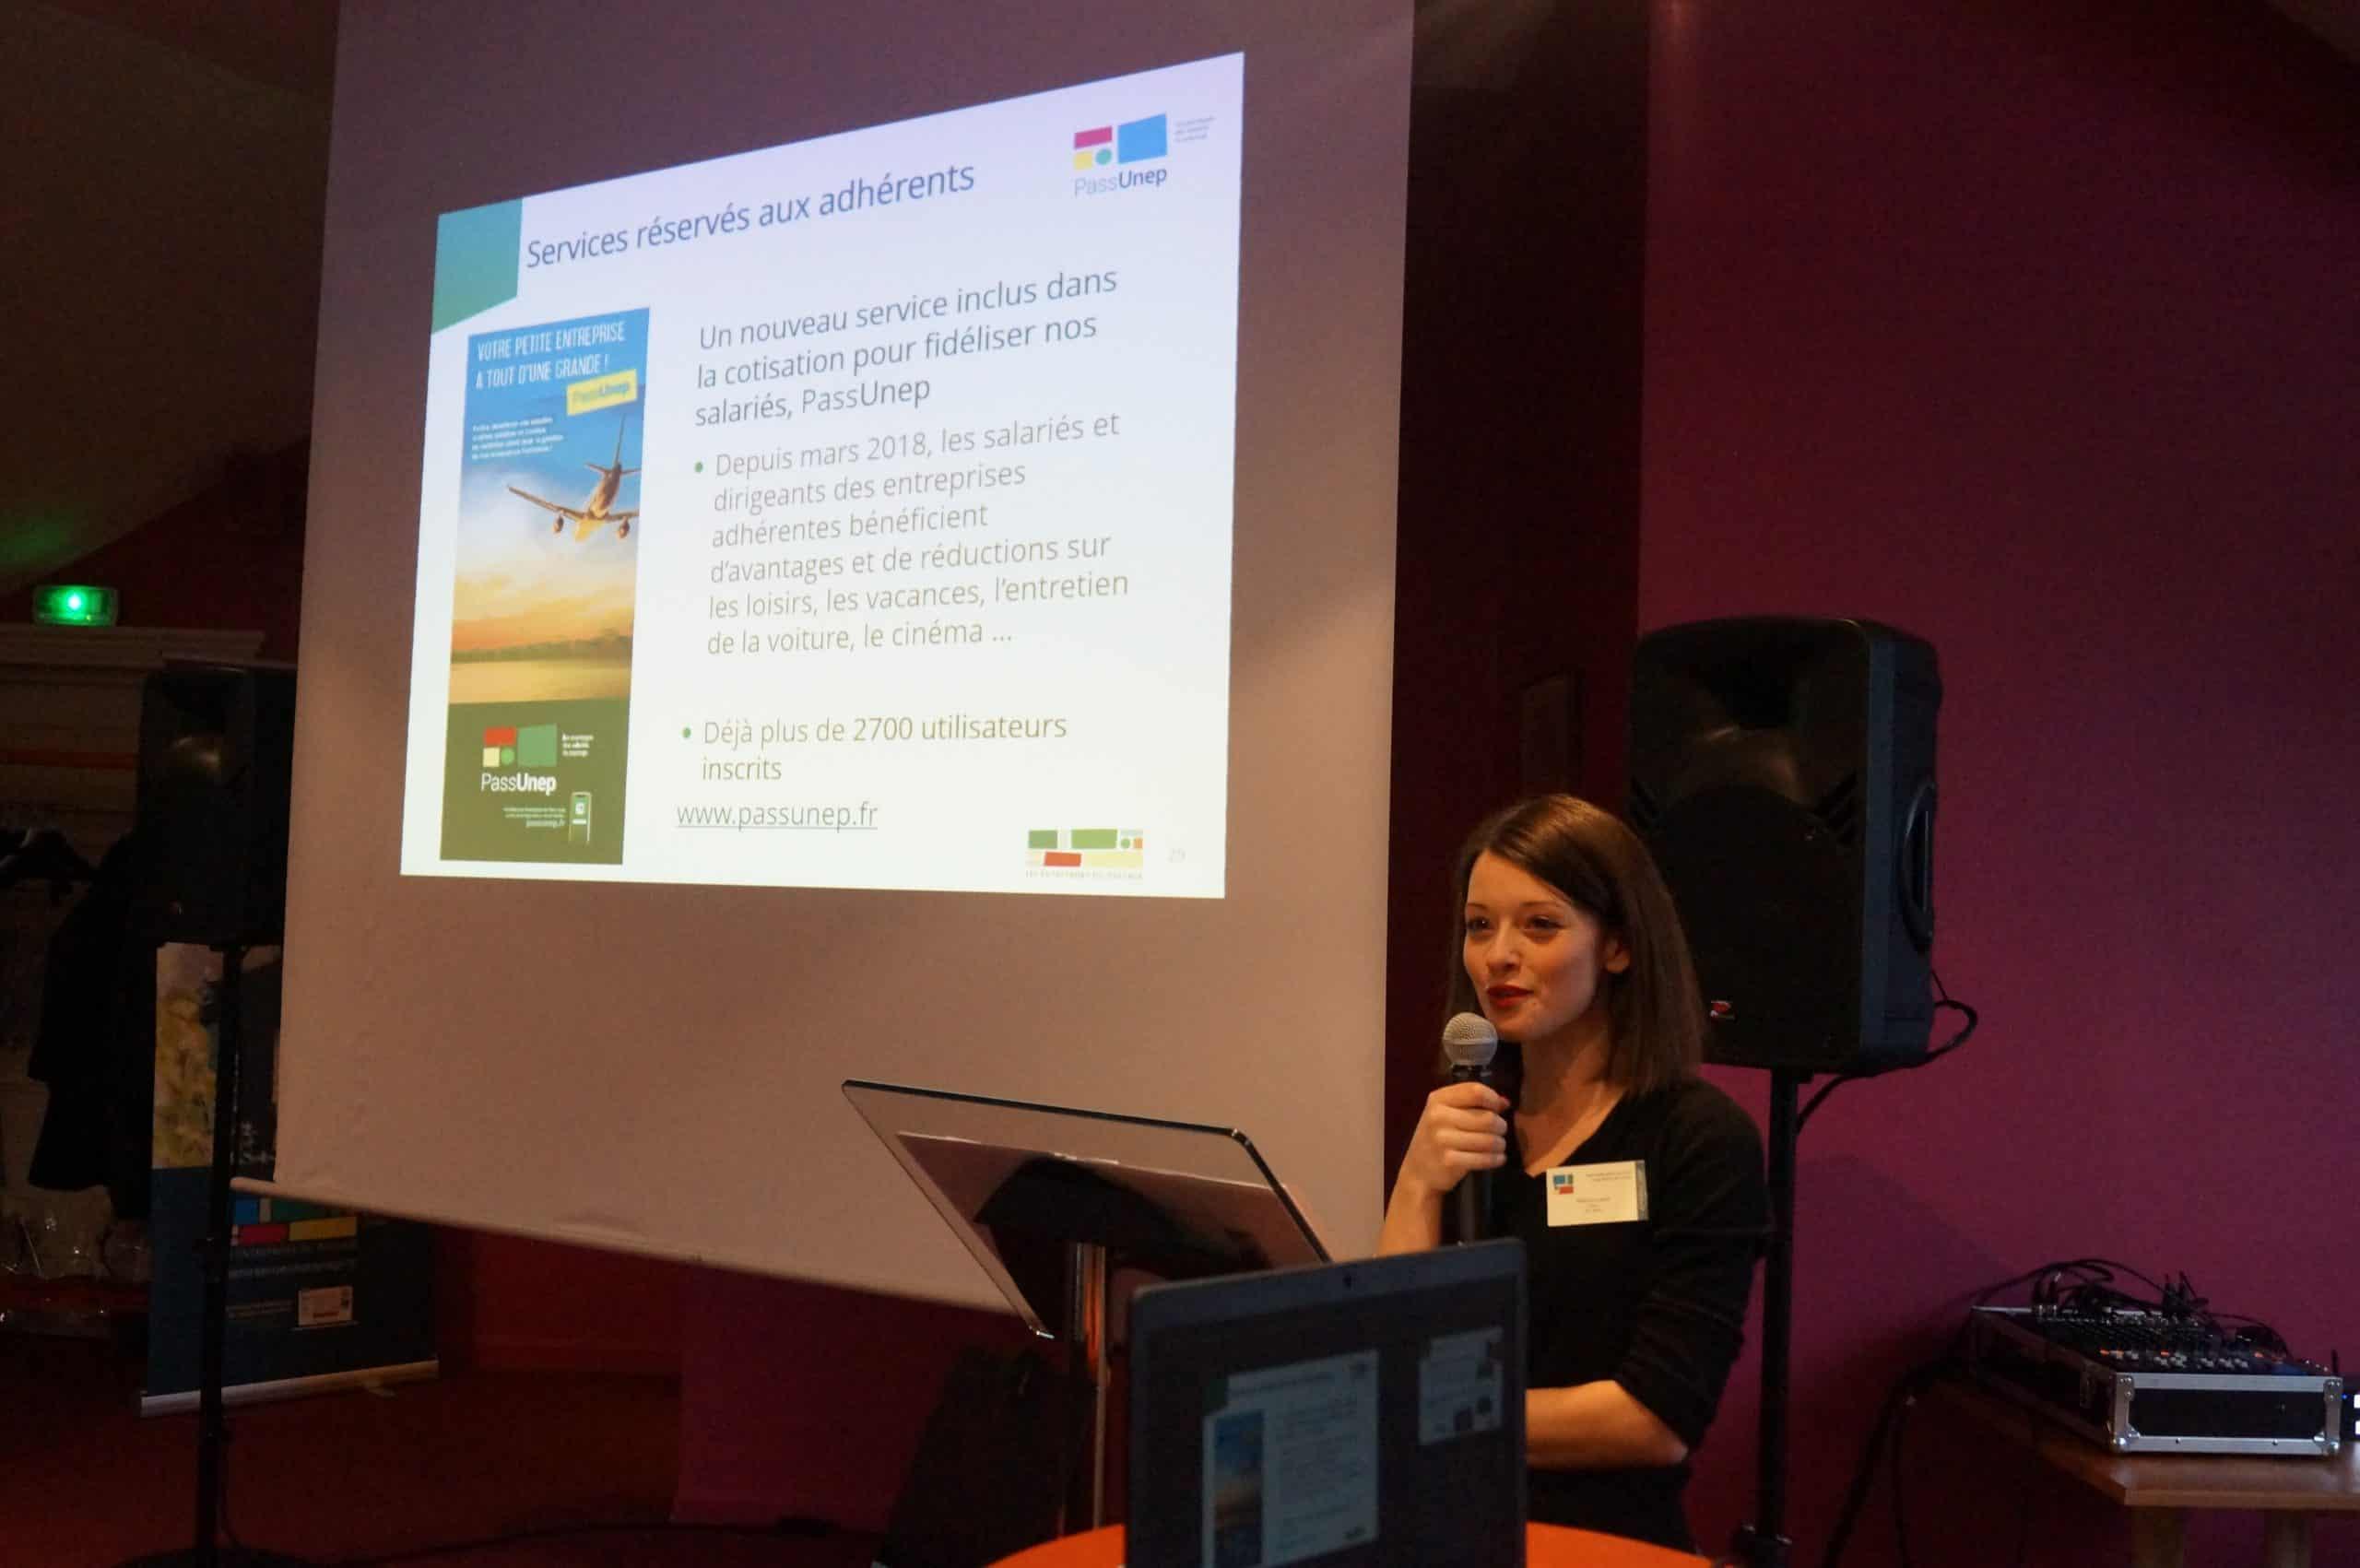 Présentation du Service Achats et de PassUnep par Justine Prébolin